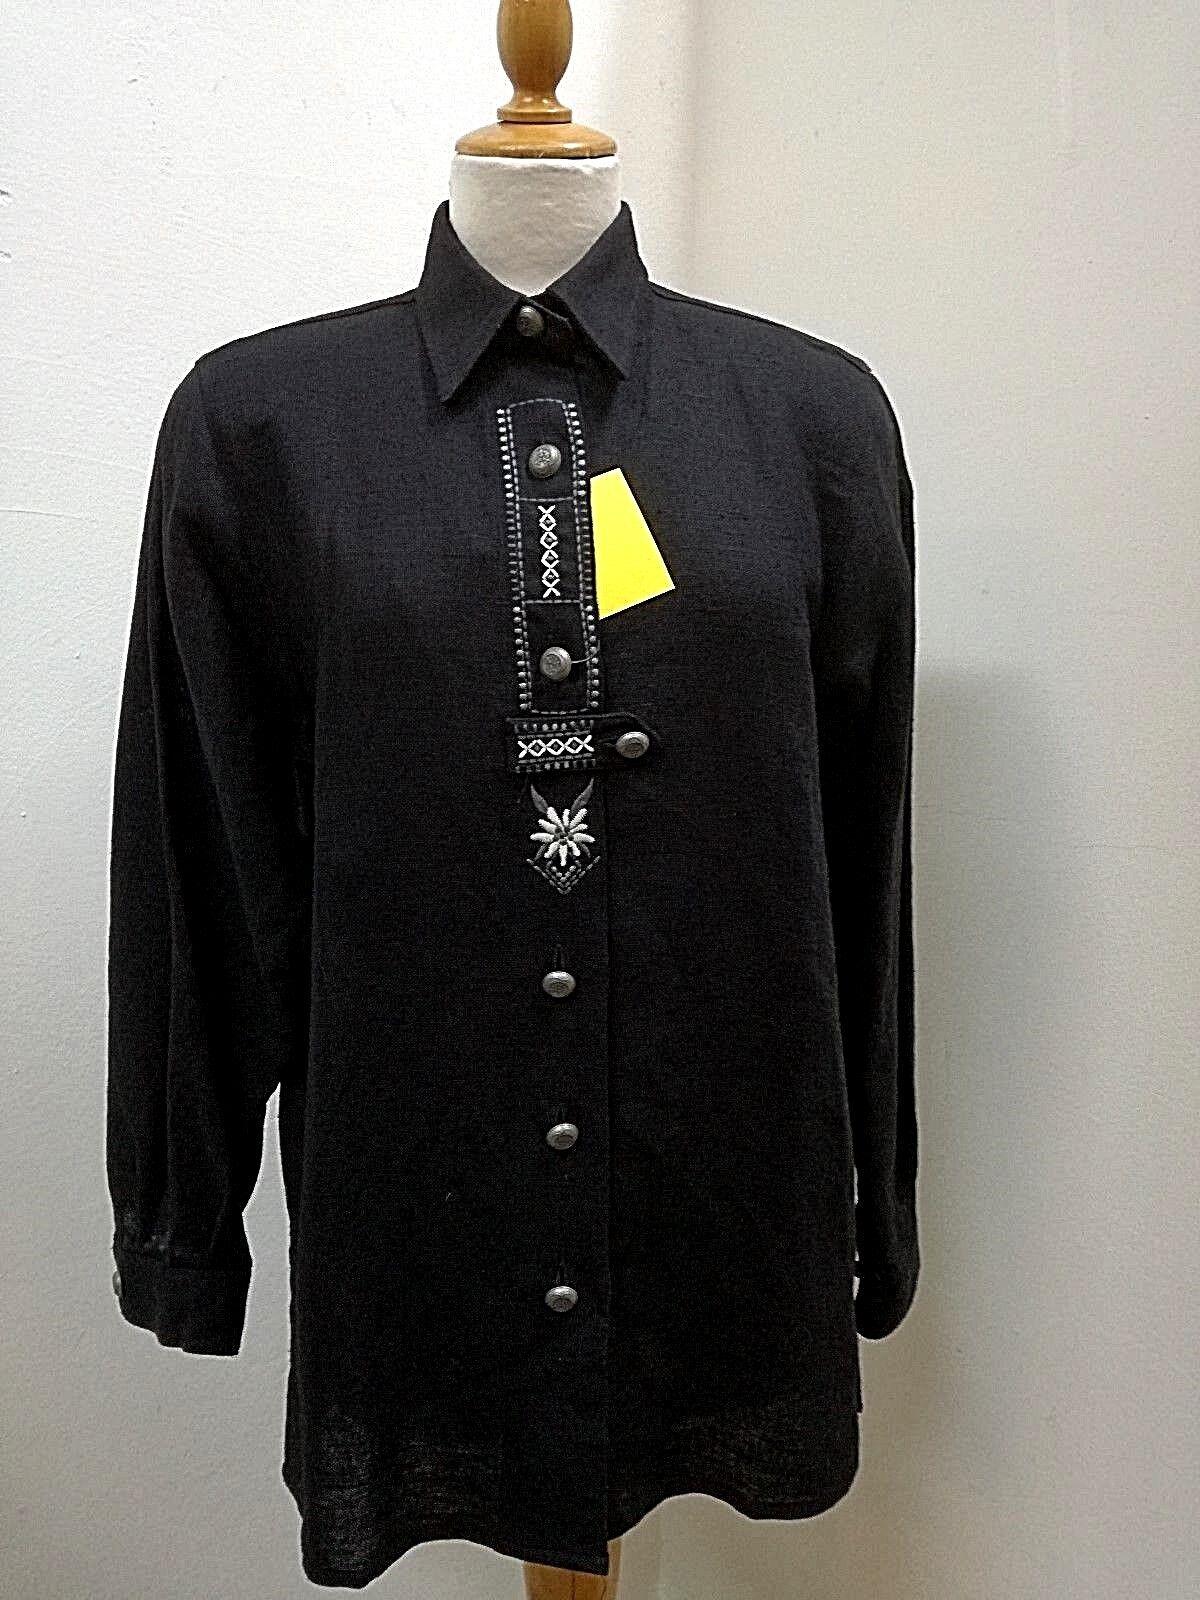 Trachten-azulsa-manga larga-Señora, talla 38-40, orbgis Trachten, tira de  botones con Rigel  Garantía 100% de ajuste